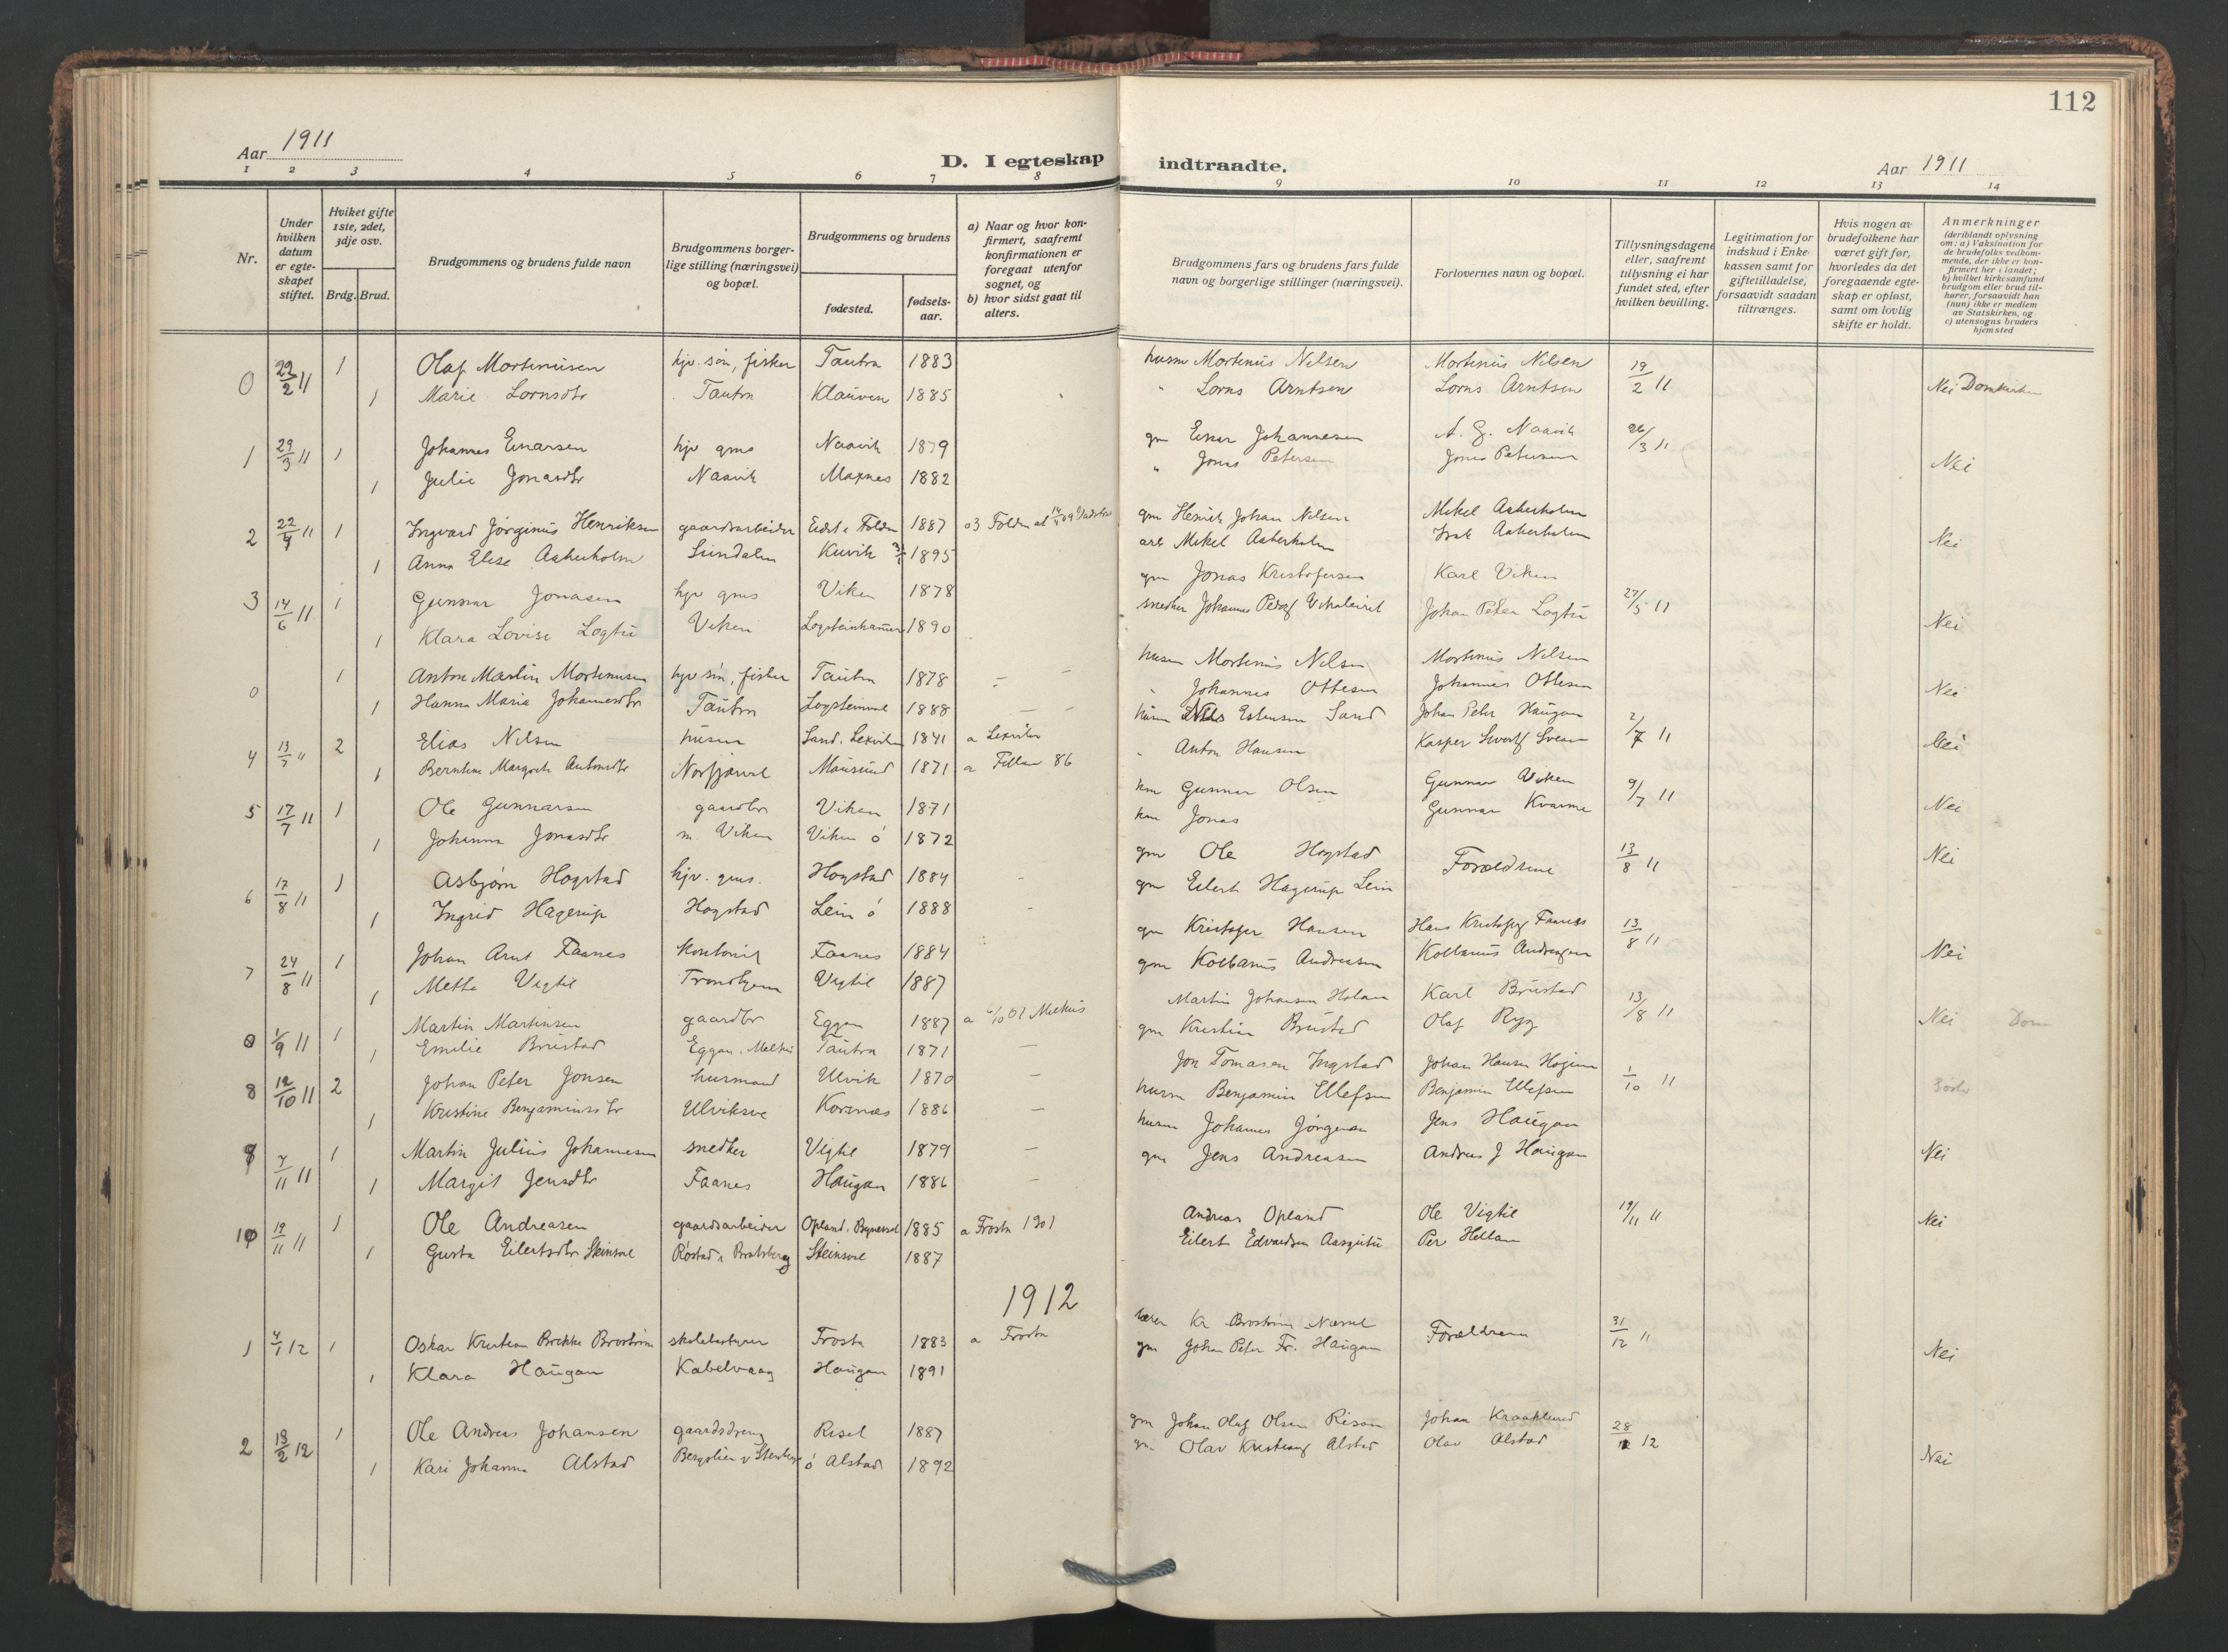 SAT, Ministerialprotokoller, klokkerbøker og fødselsregistre - Nord-Trøndelag, 713/L0123: Ministerialbok nr. 713A12, 1911-1925, s. 112